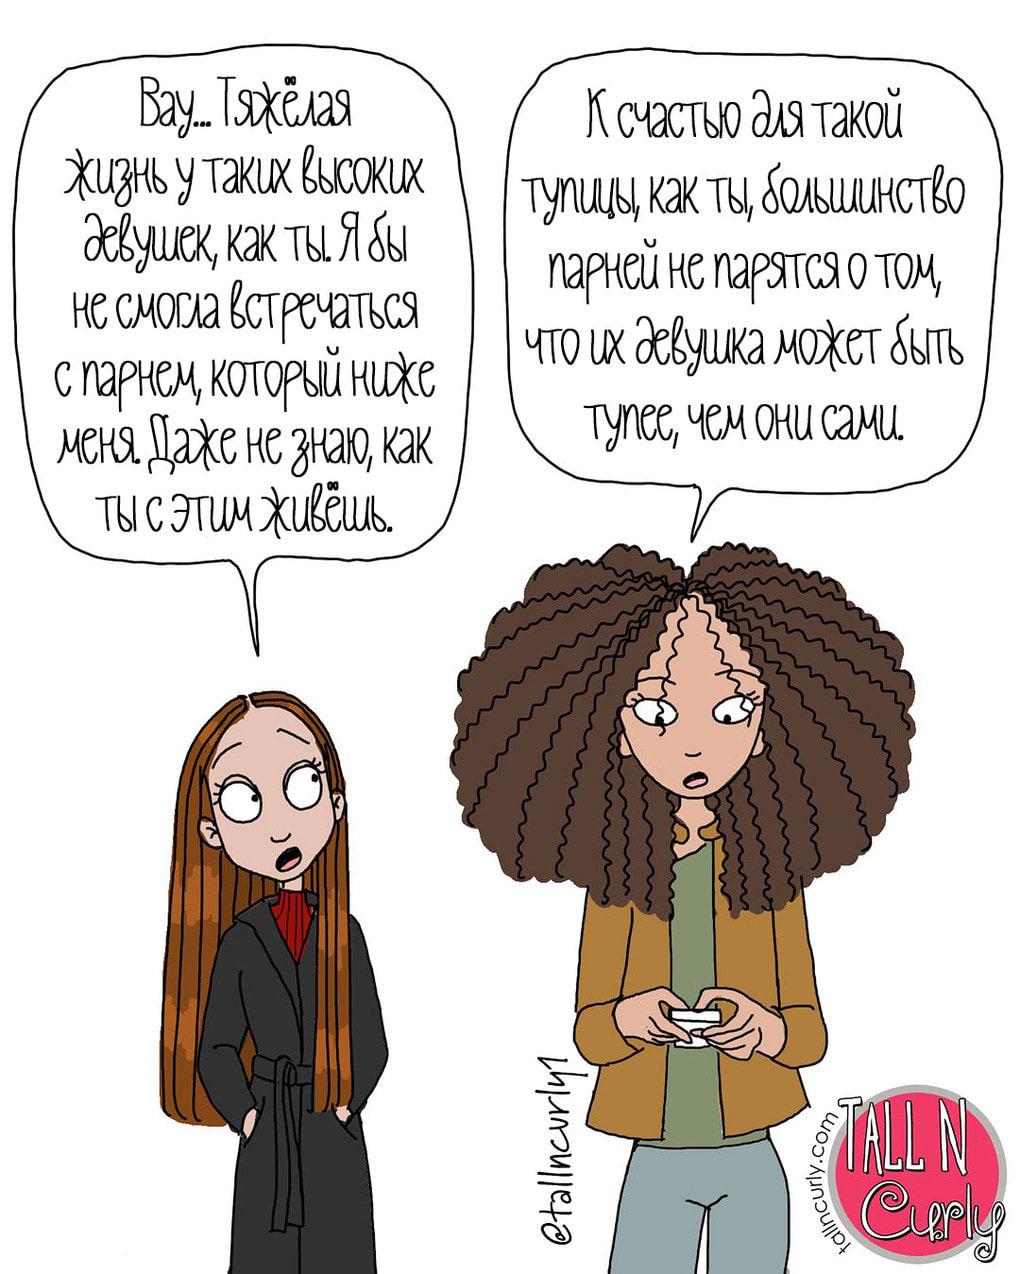 Художница рисует комиксы о типичных особенностях жизни высокой девушки с кудрявыми волосами